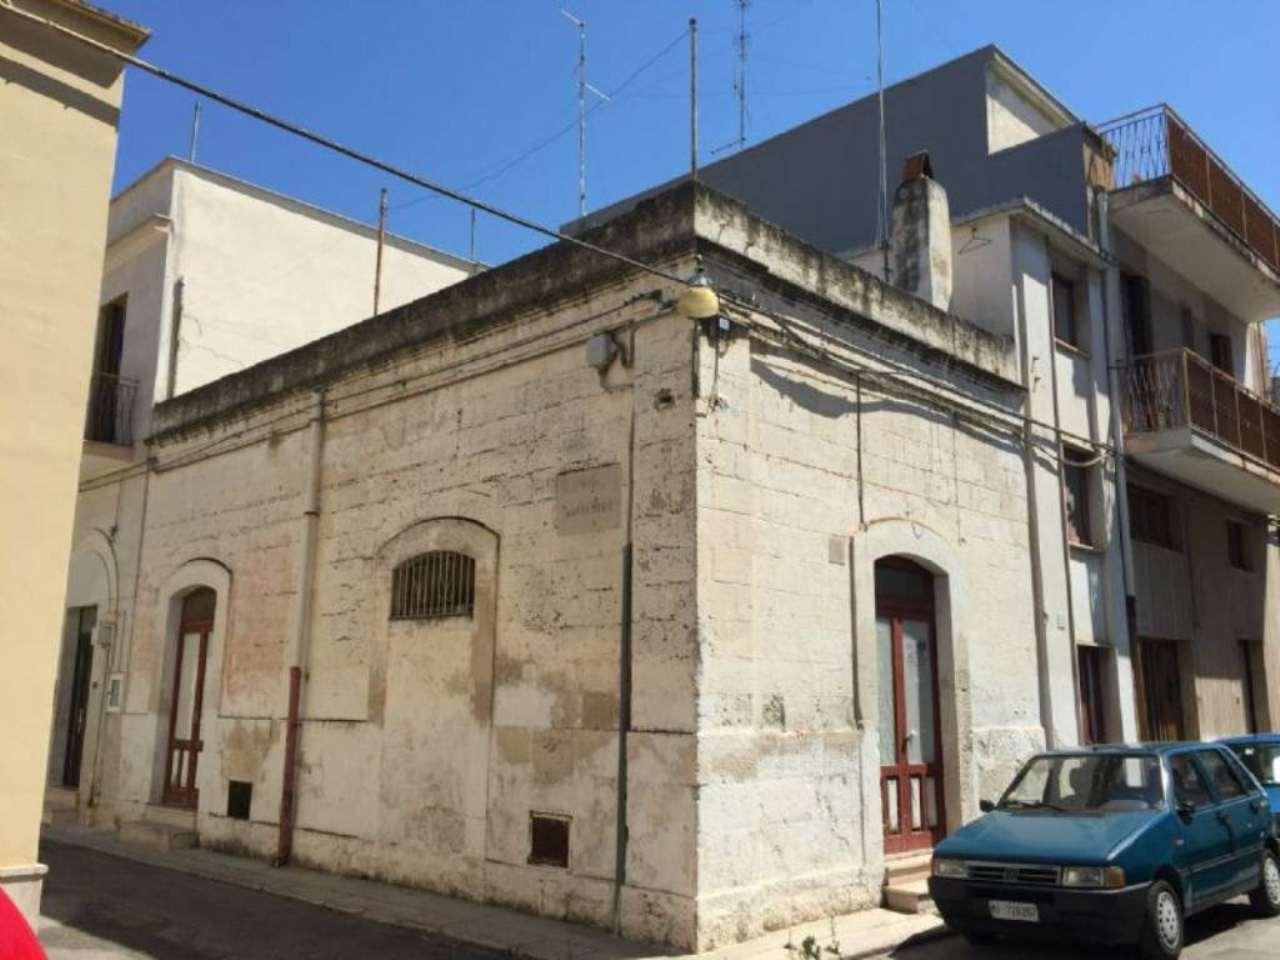 Soluzione Indipendente in vendita a Modugno, 6 locali, prezzo € 85.000 | Cambio Casa.it